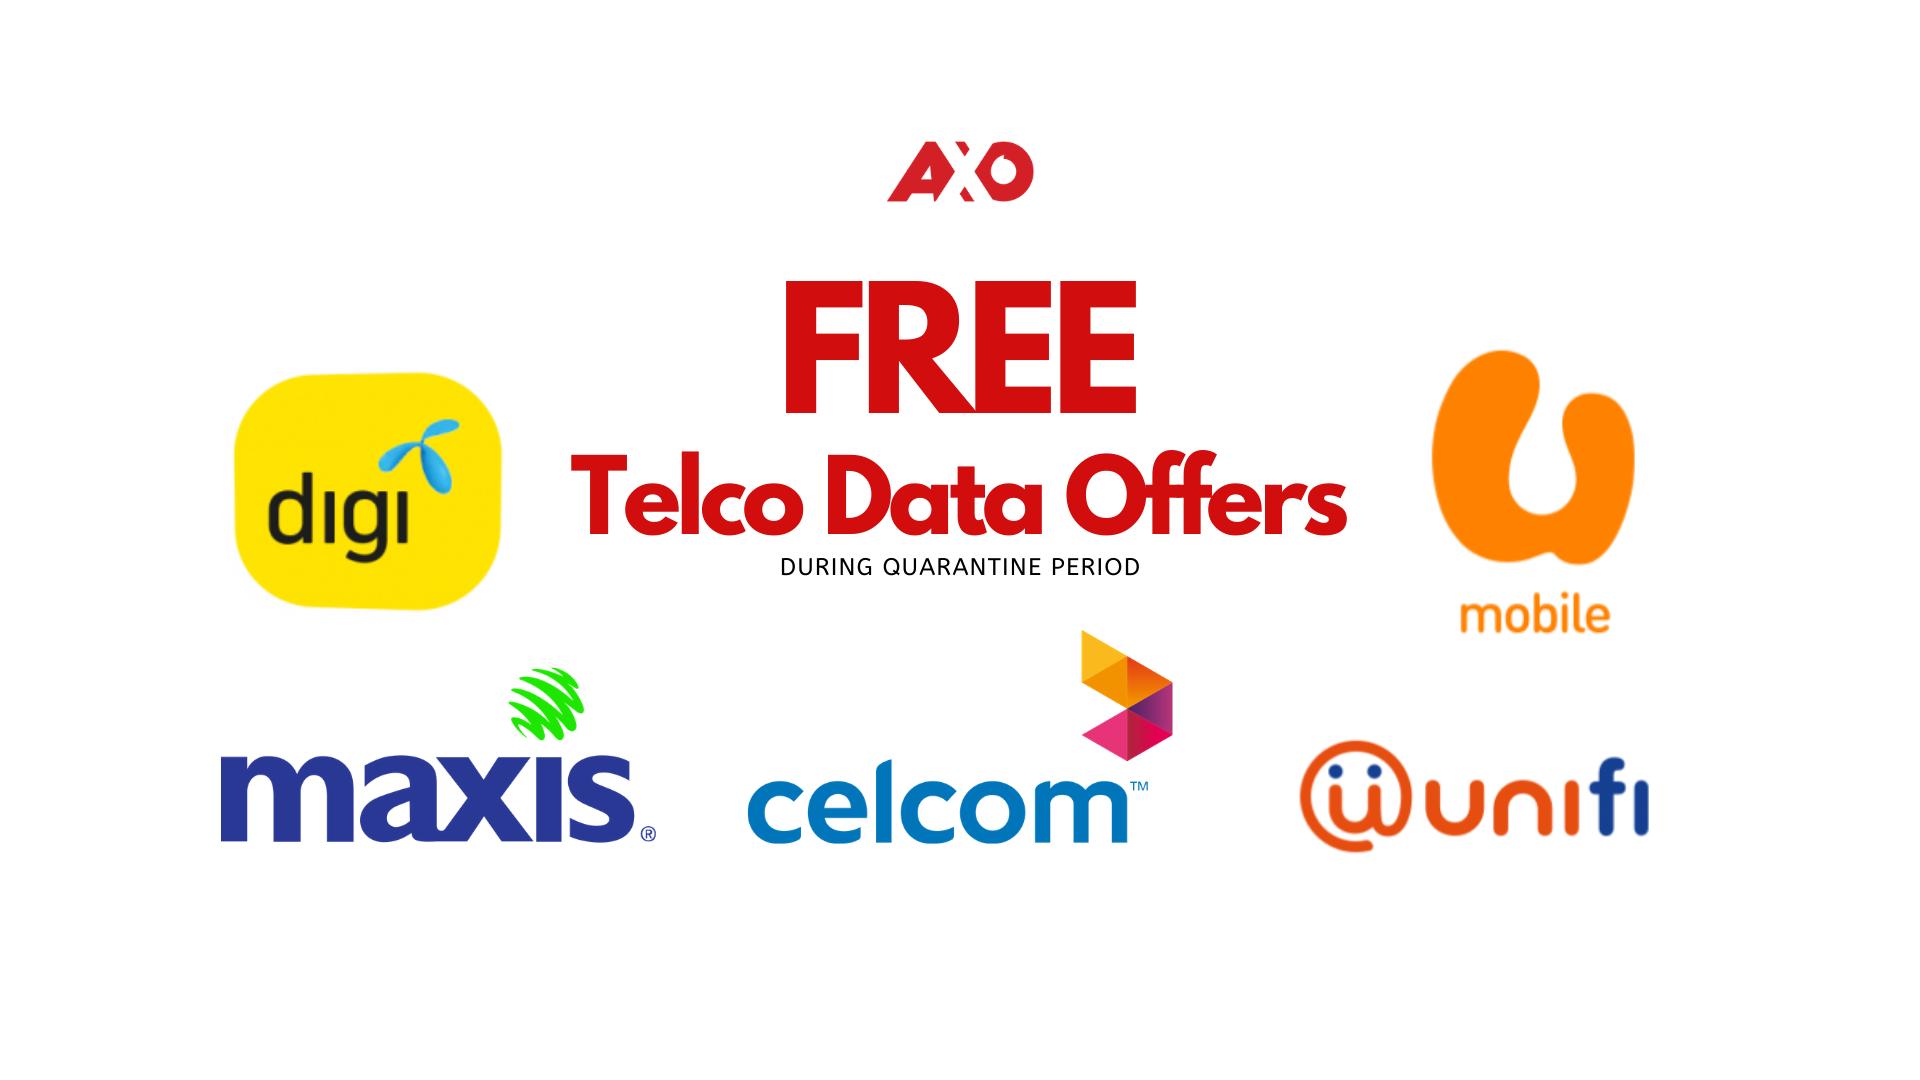 Telco free data